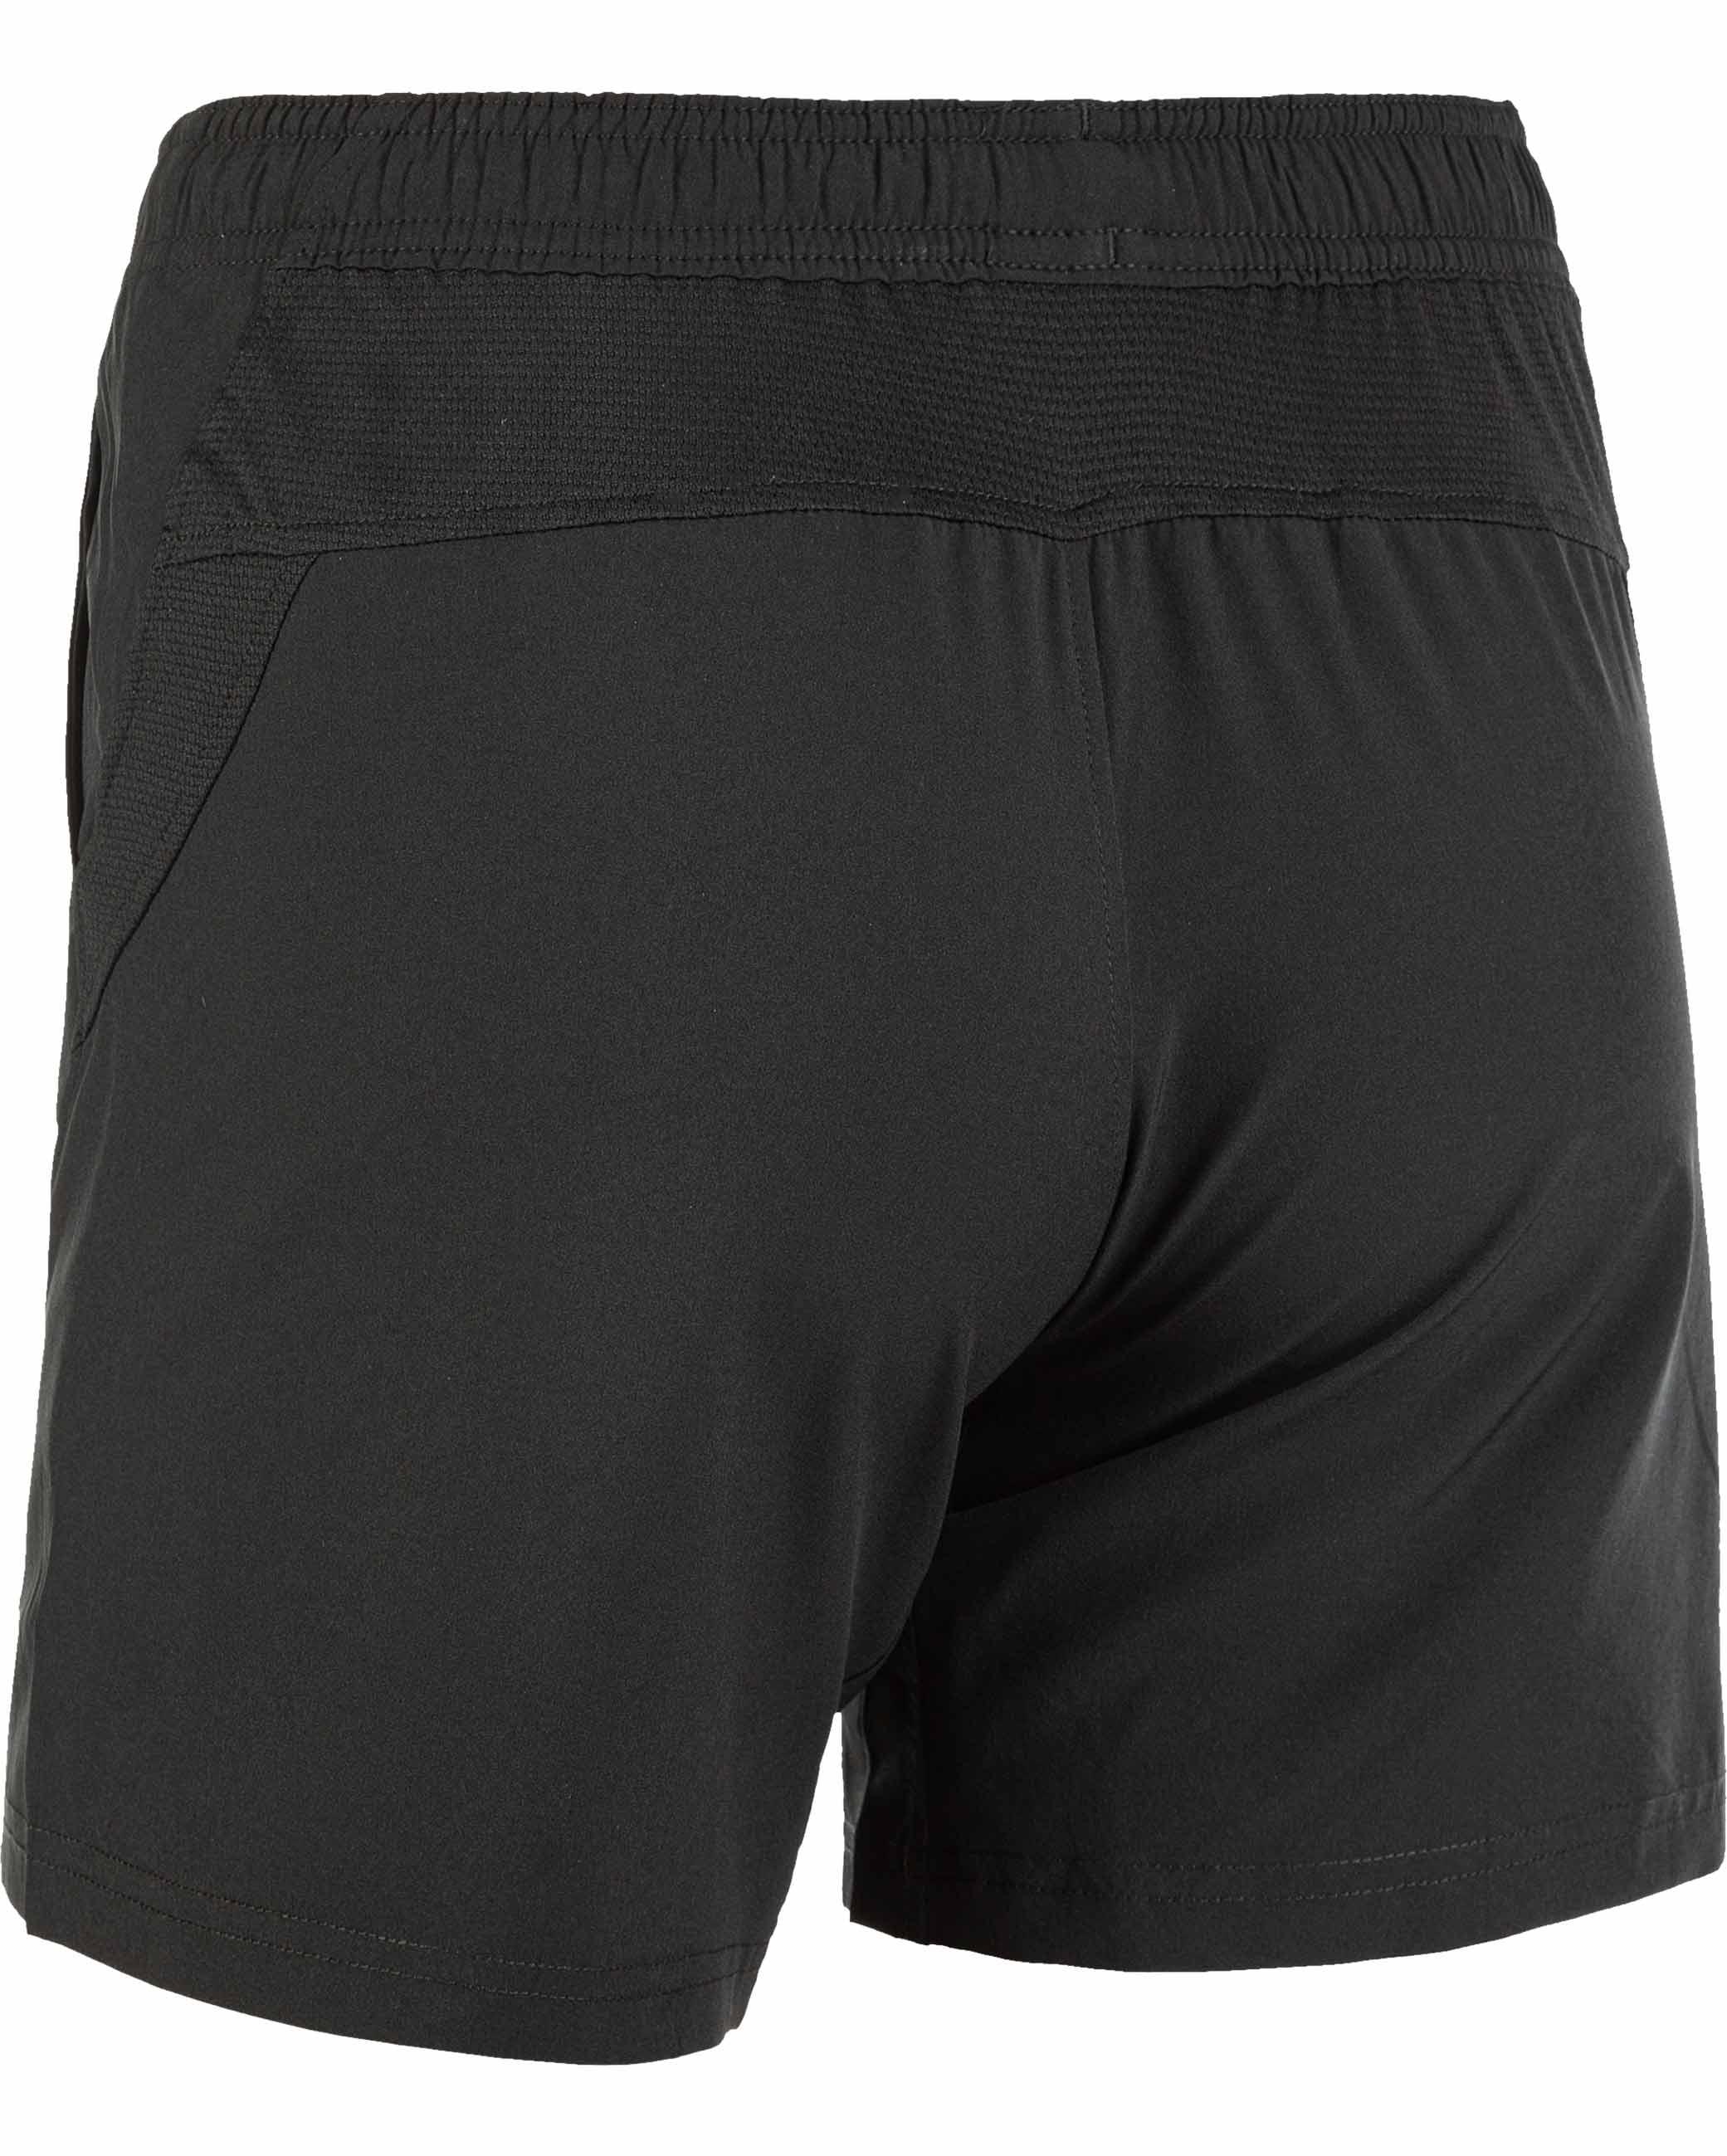 FZ FORZA AJAX Shorts Jr.